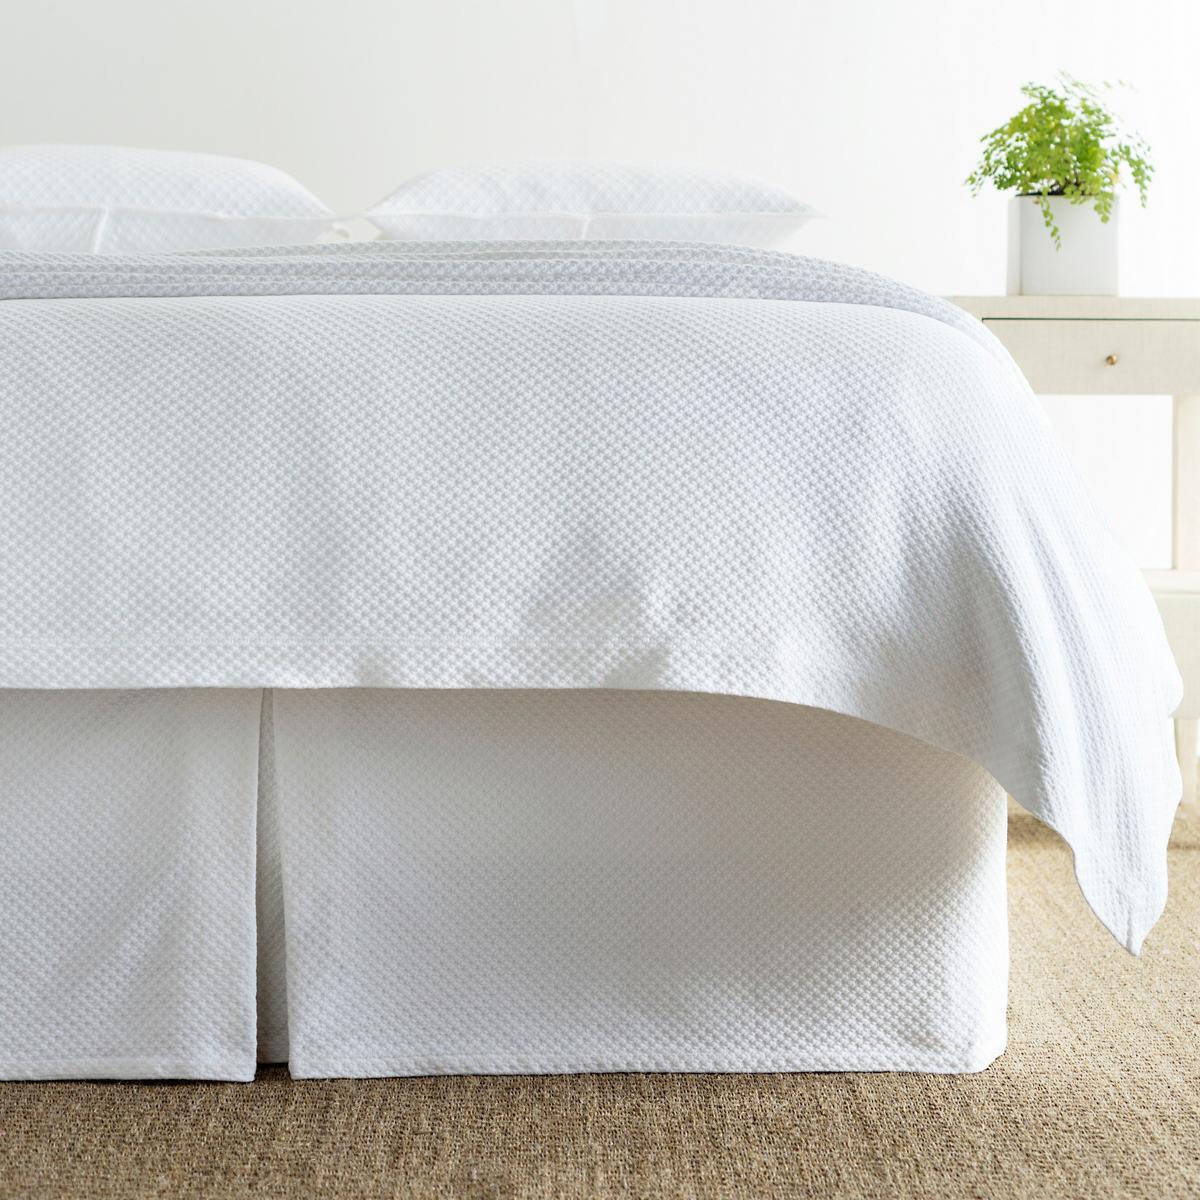 Petite Trellis White Matelassé Bed Skirt